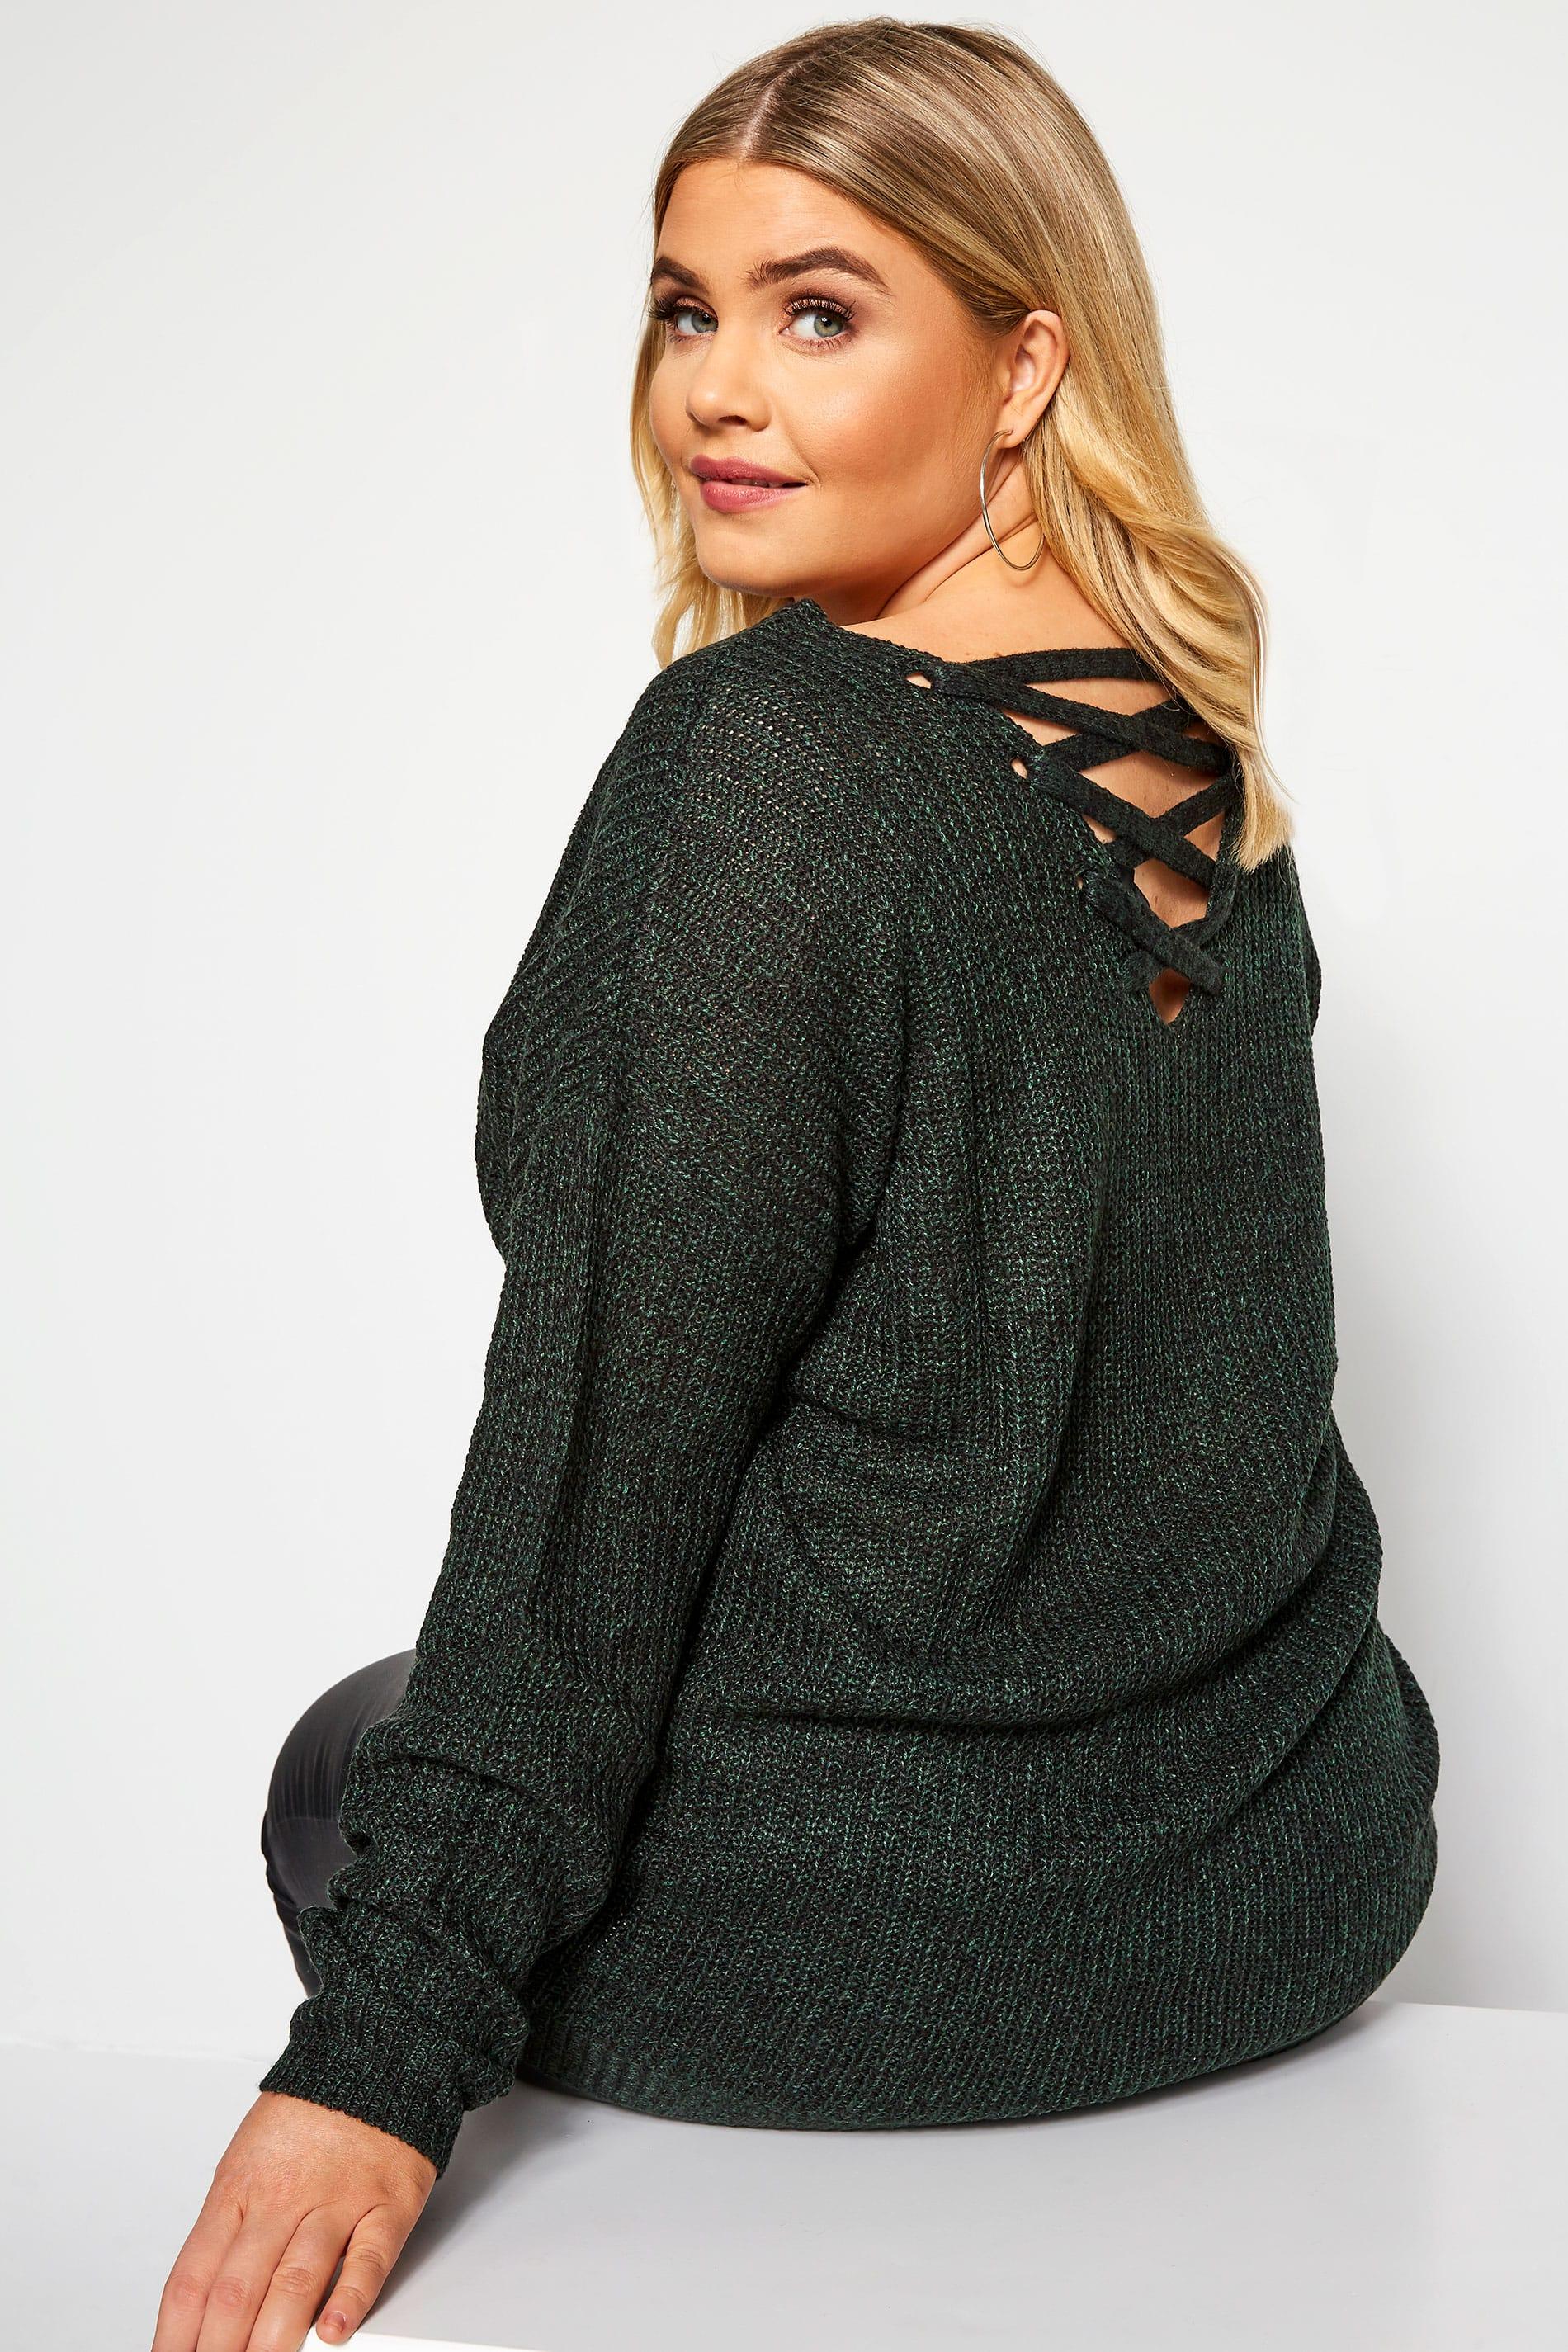 Green Lattice Back Twist Knit Jumper